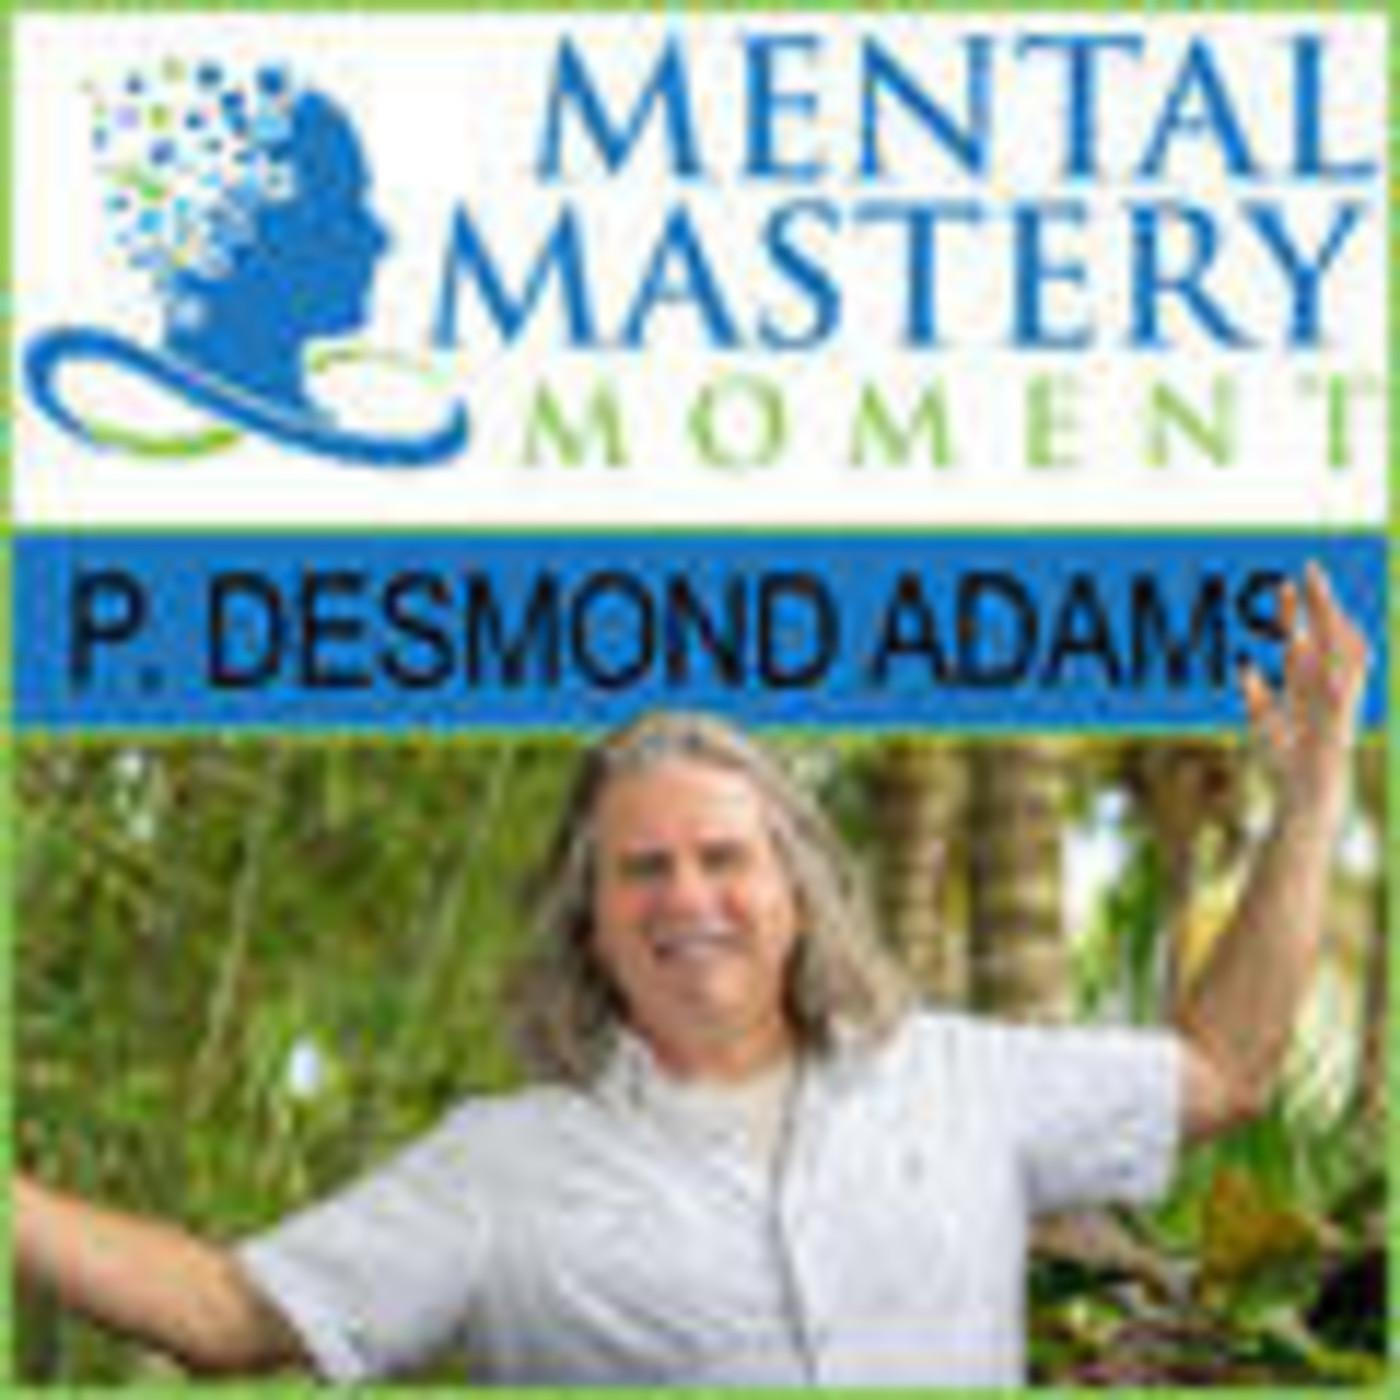 P. Desmond Adams | Personal De